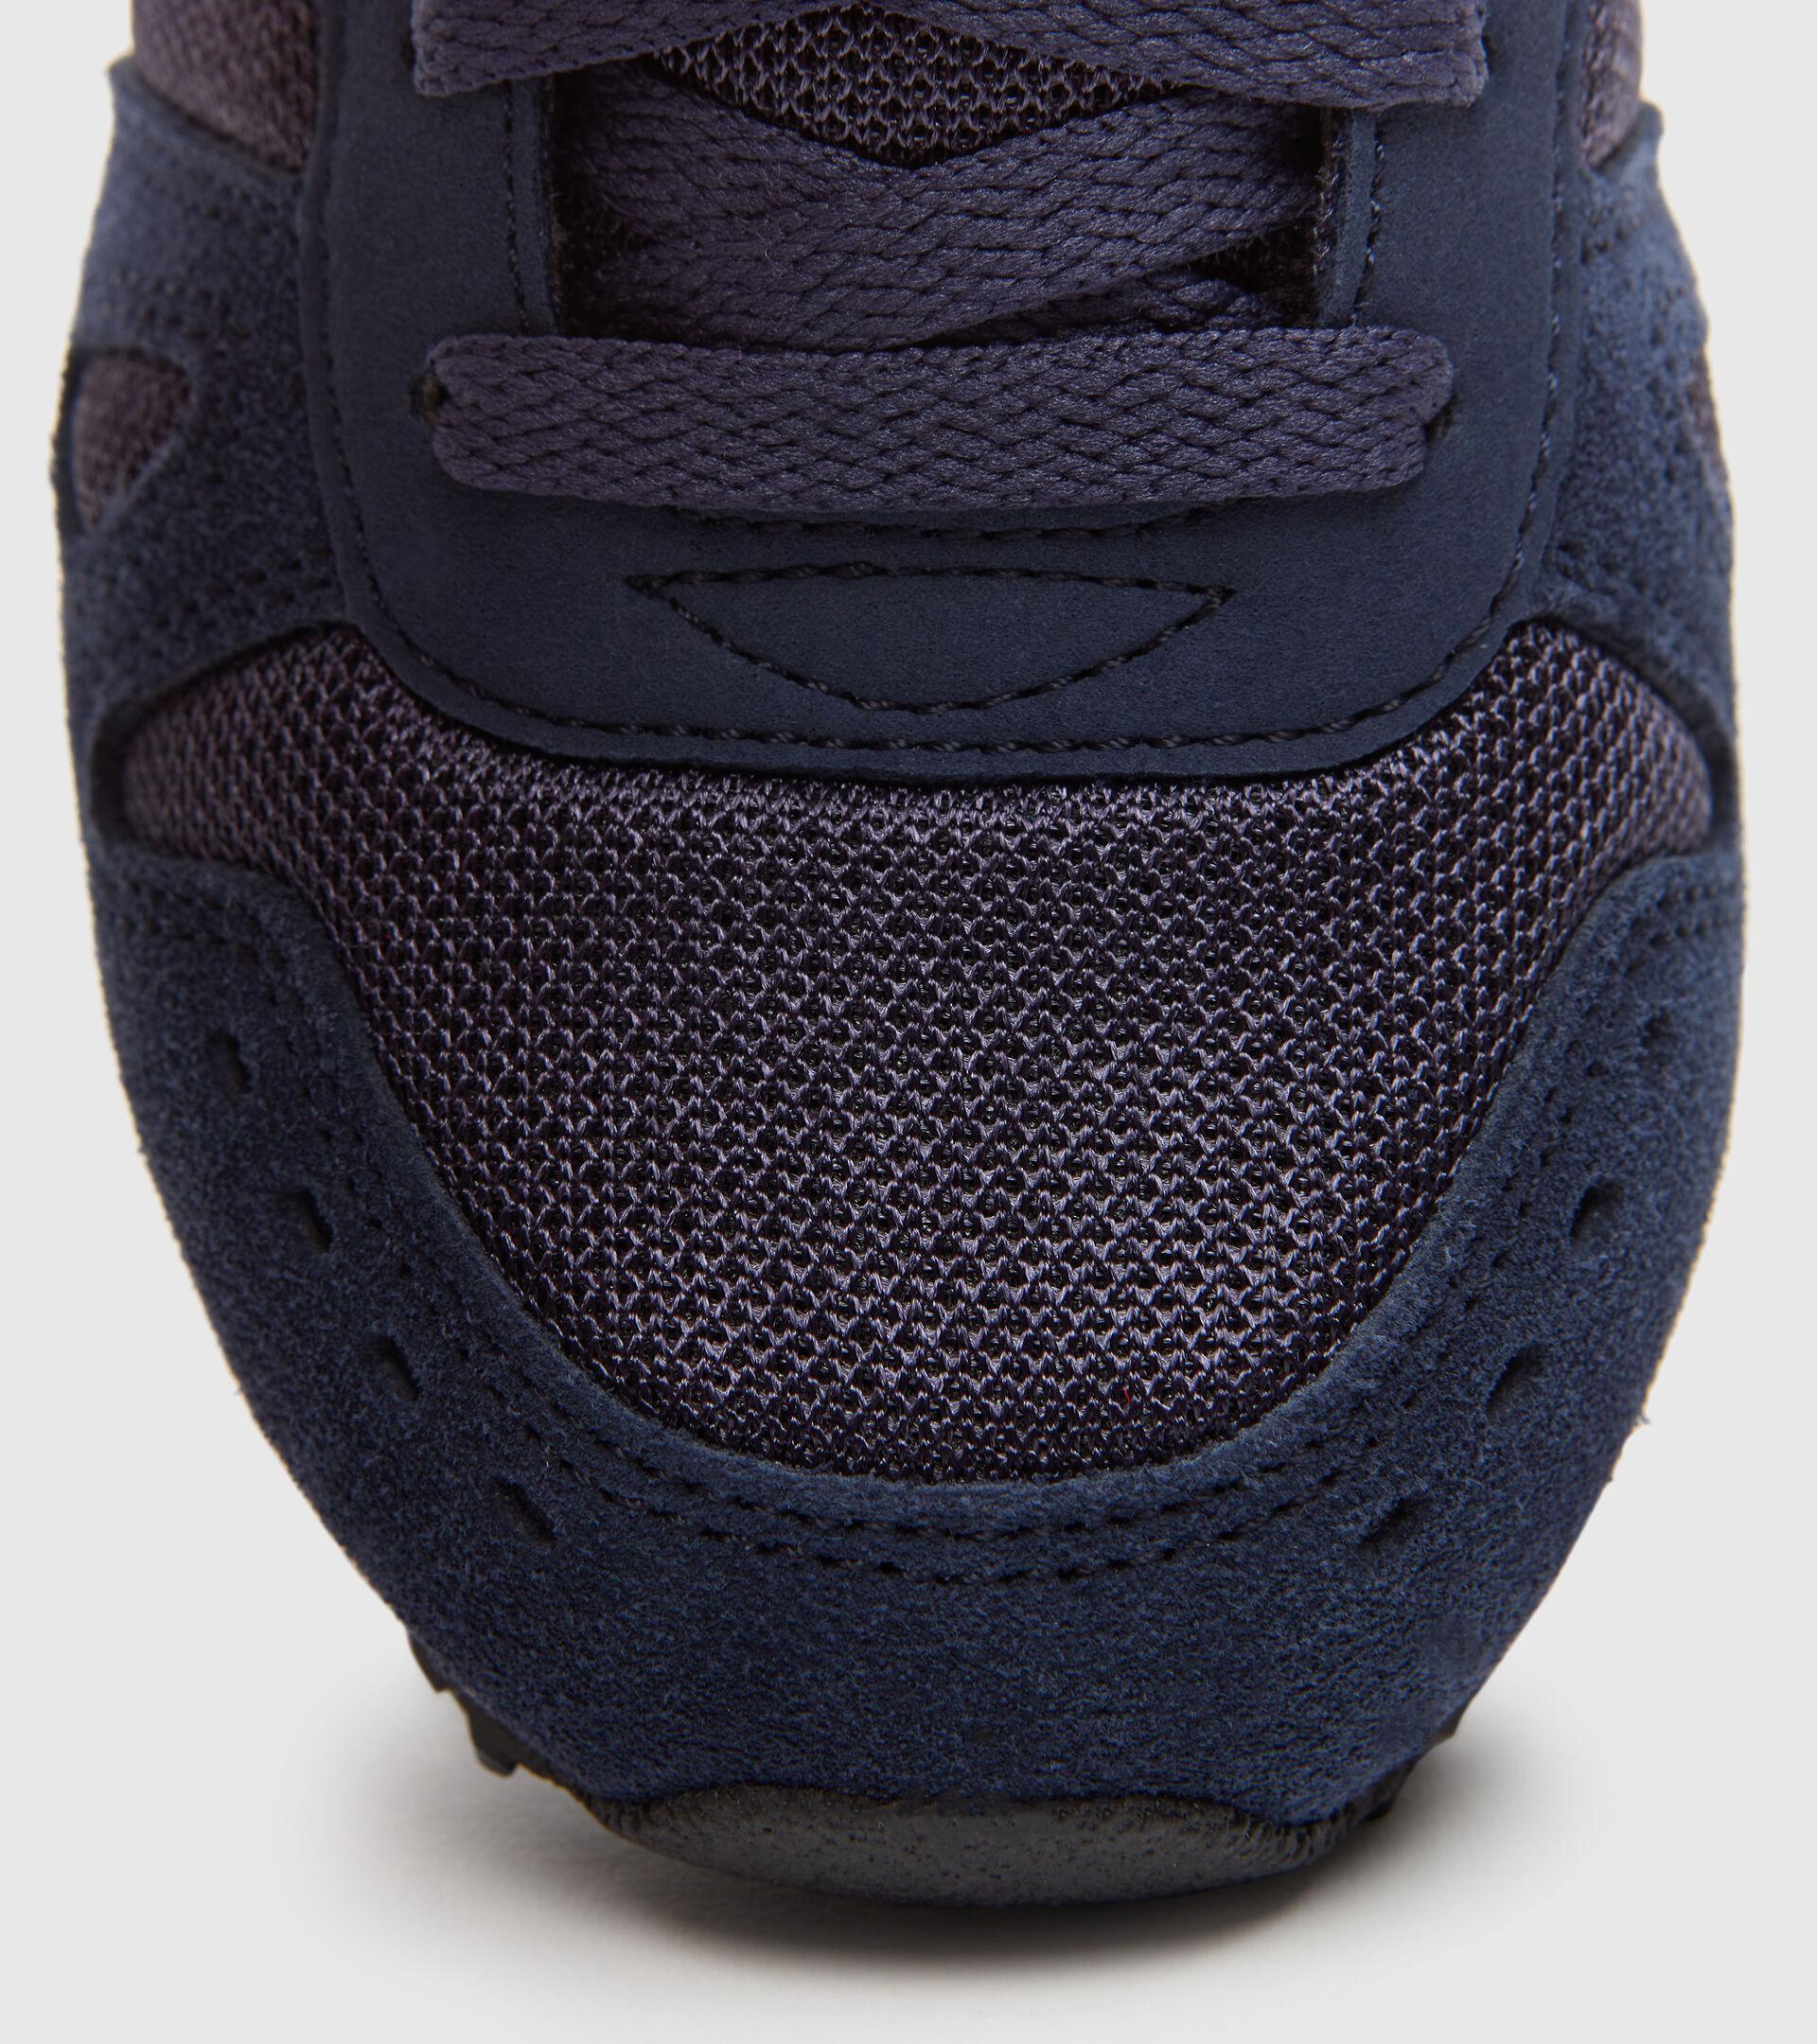 Zapatilla deportiva - Niños 8-16 años SIMPLE RUN GS NEGRO IRIS - Diadora